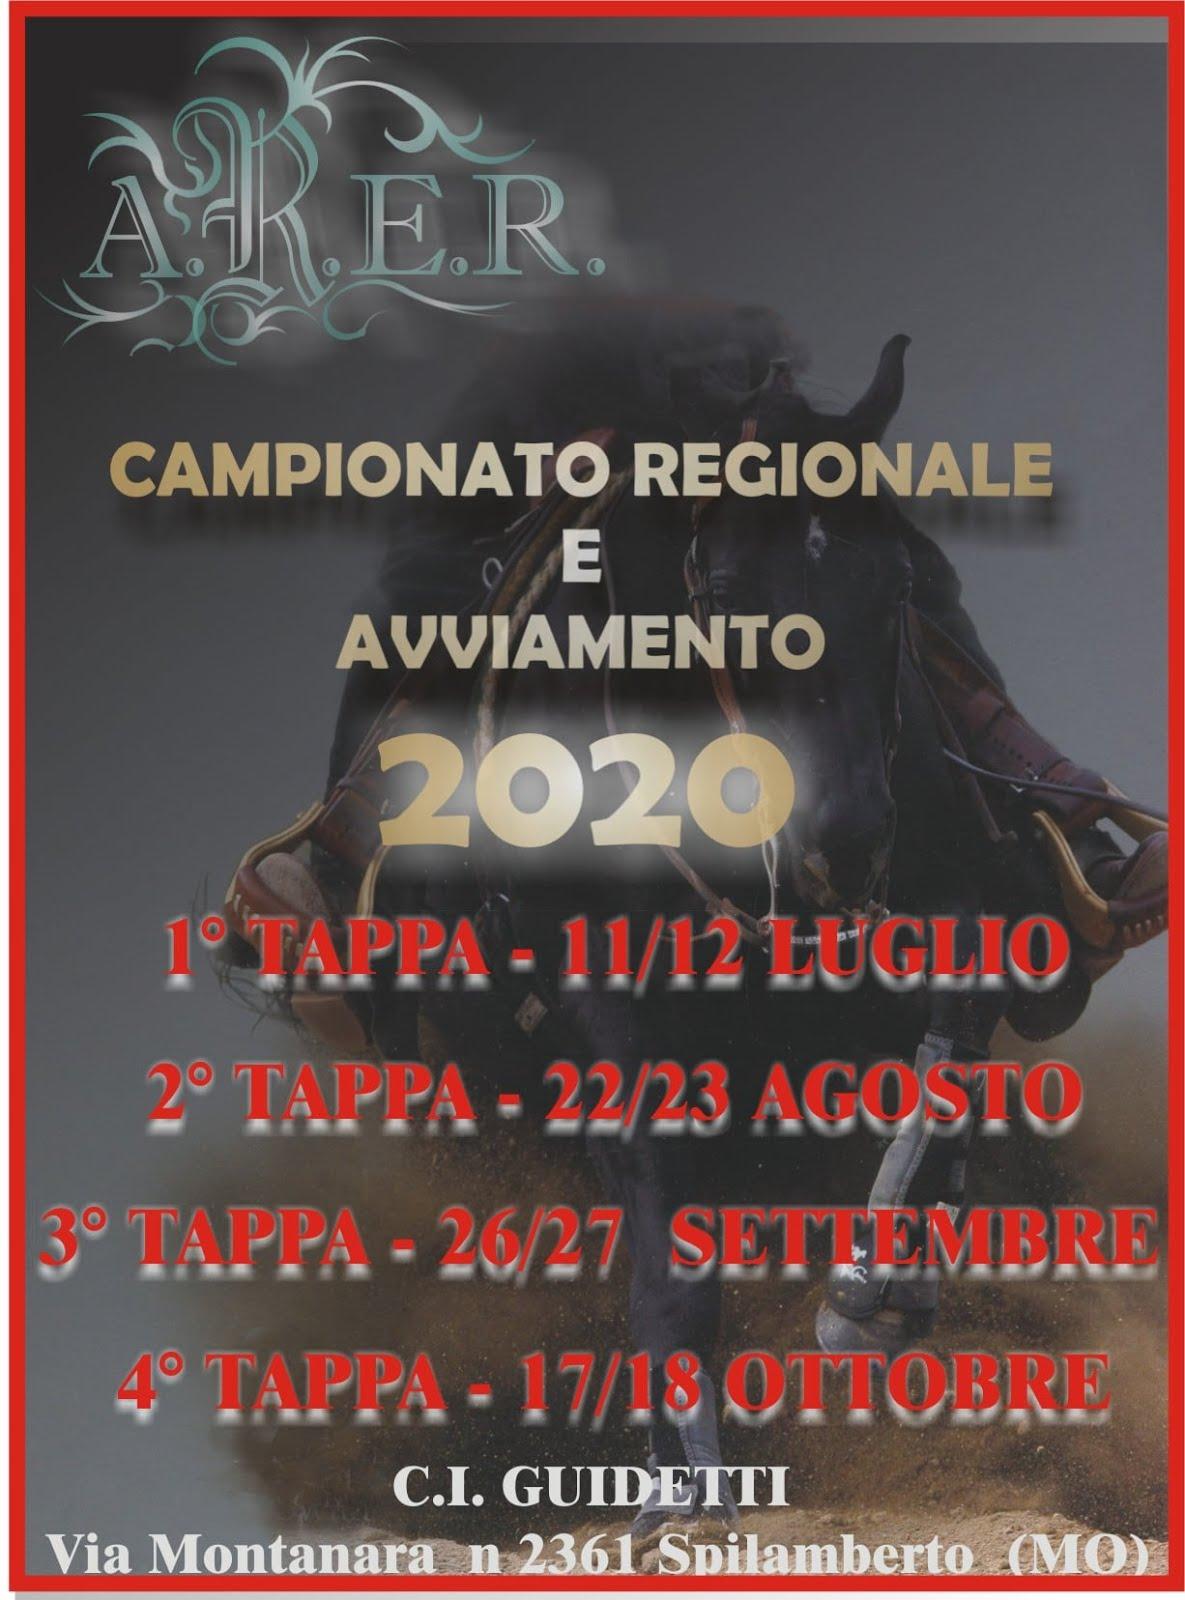 ARER 2020 , LA MIA REGIONE RIPARTE!!!